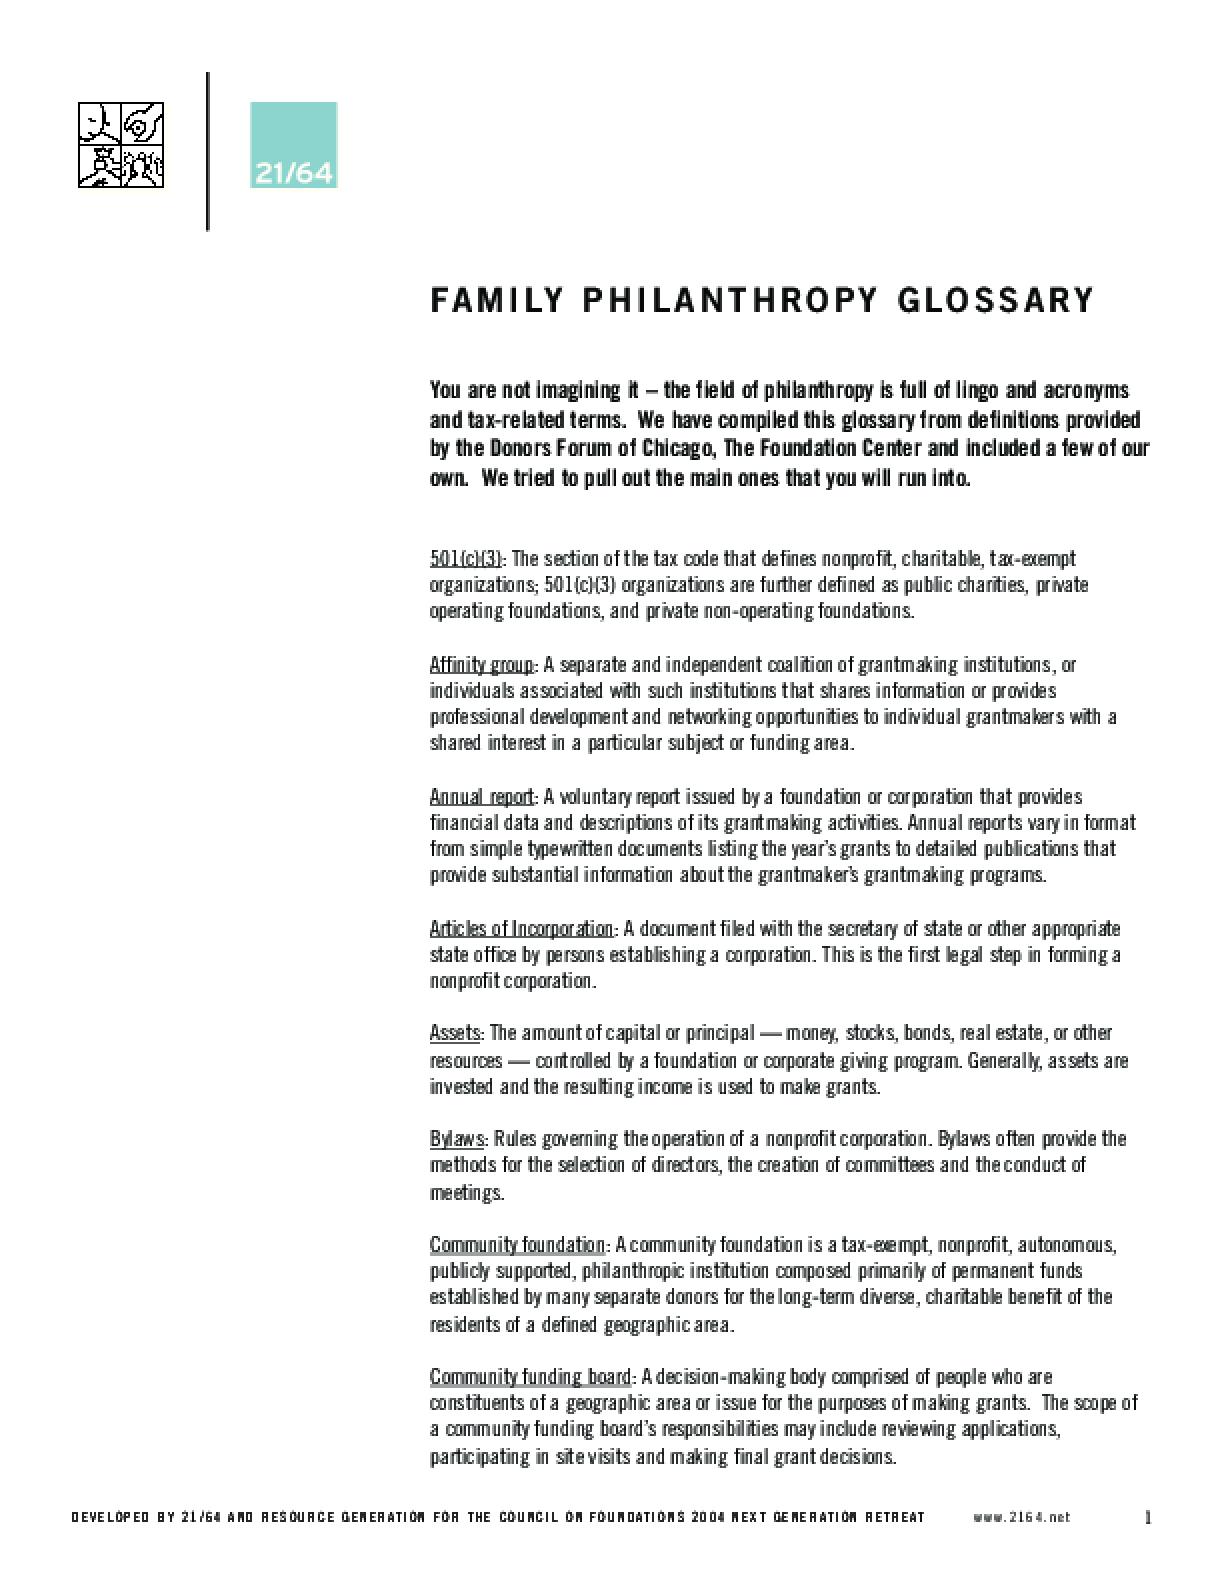 Family Philanthropy Glossary